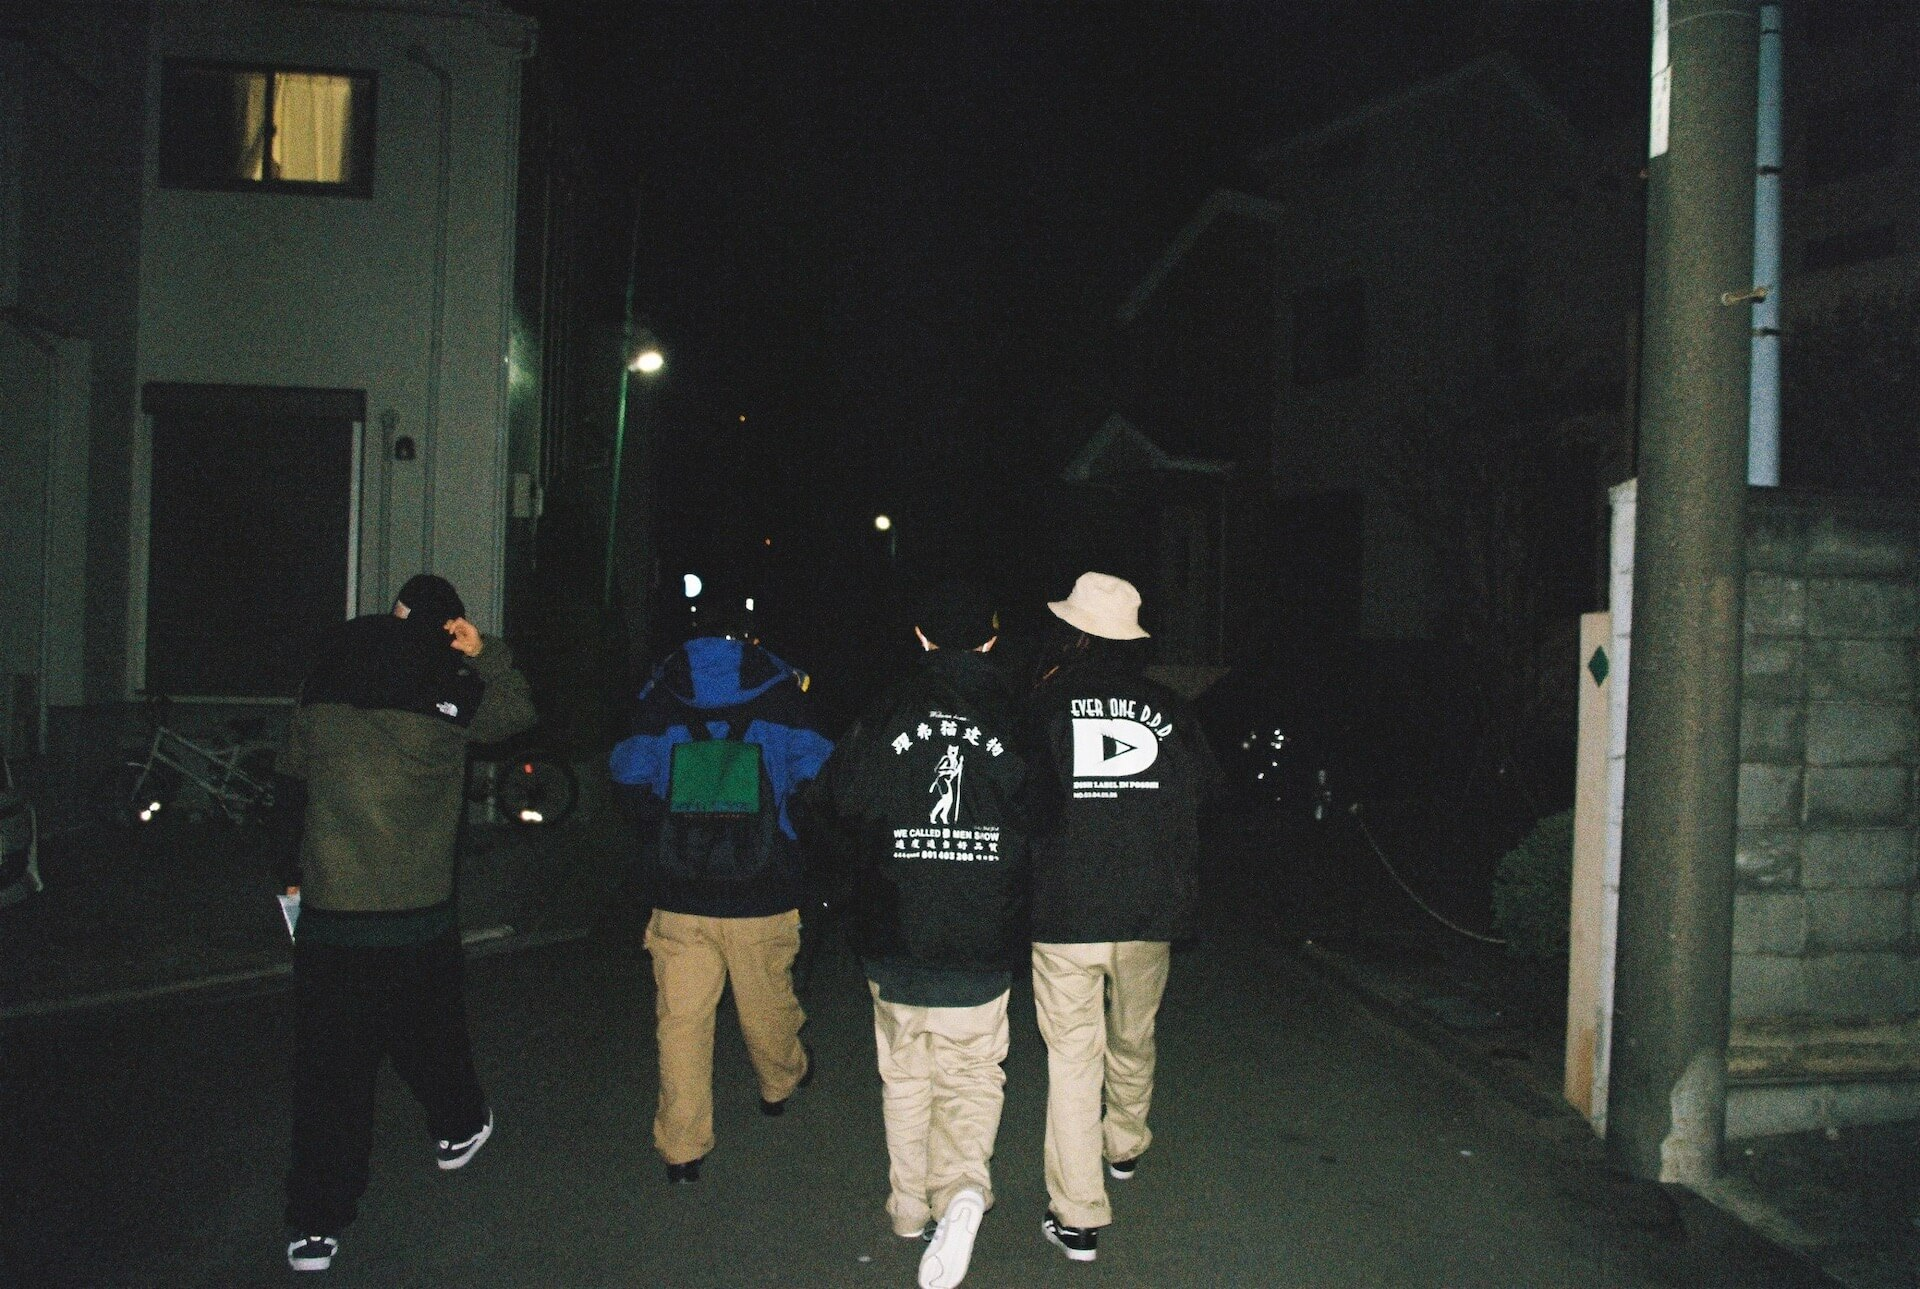 共にいる人たちへの郷愁──股旅(DUSTY HUSKY × DJ SHOKI × にっちょめ)、インタビュー interview2106-matatabi-dliprecords-14